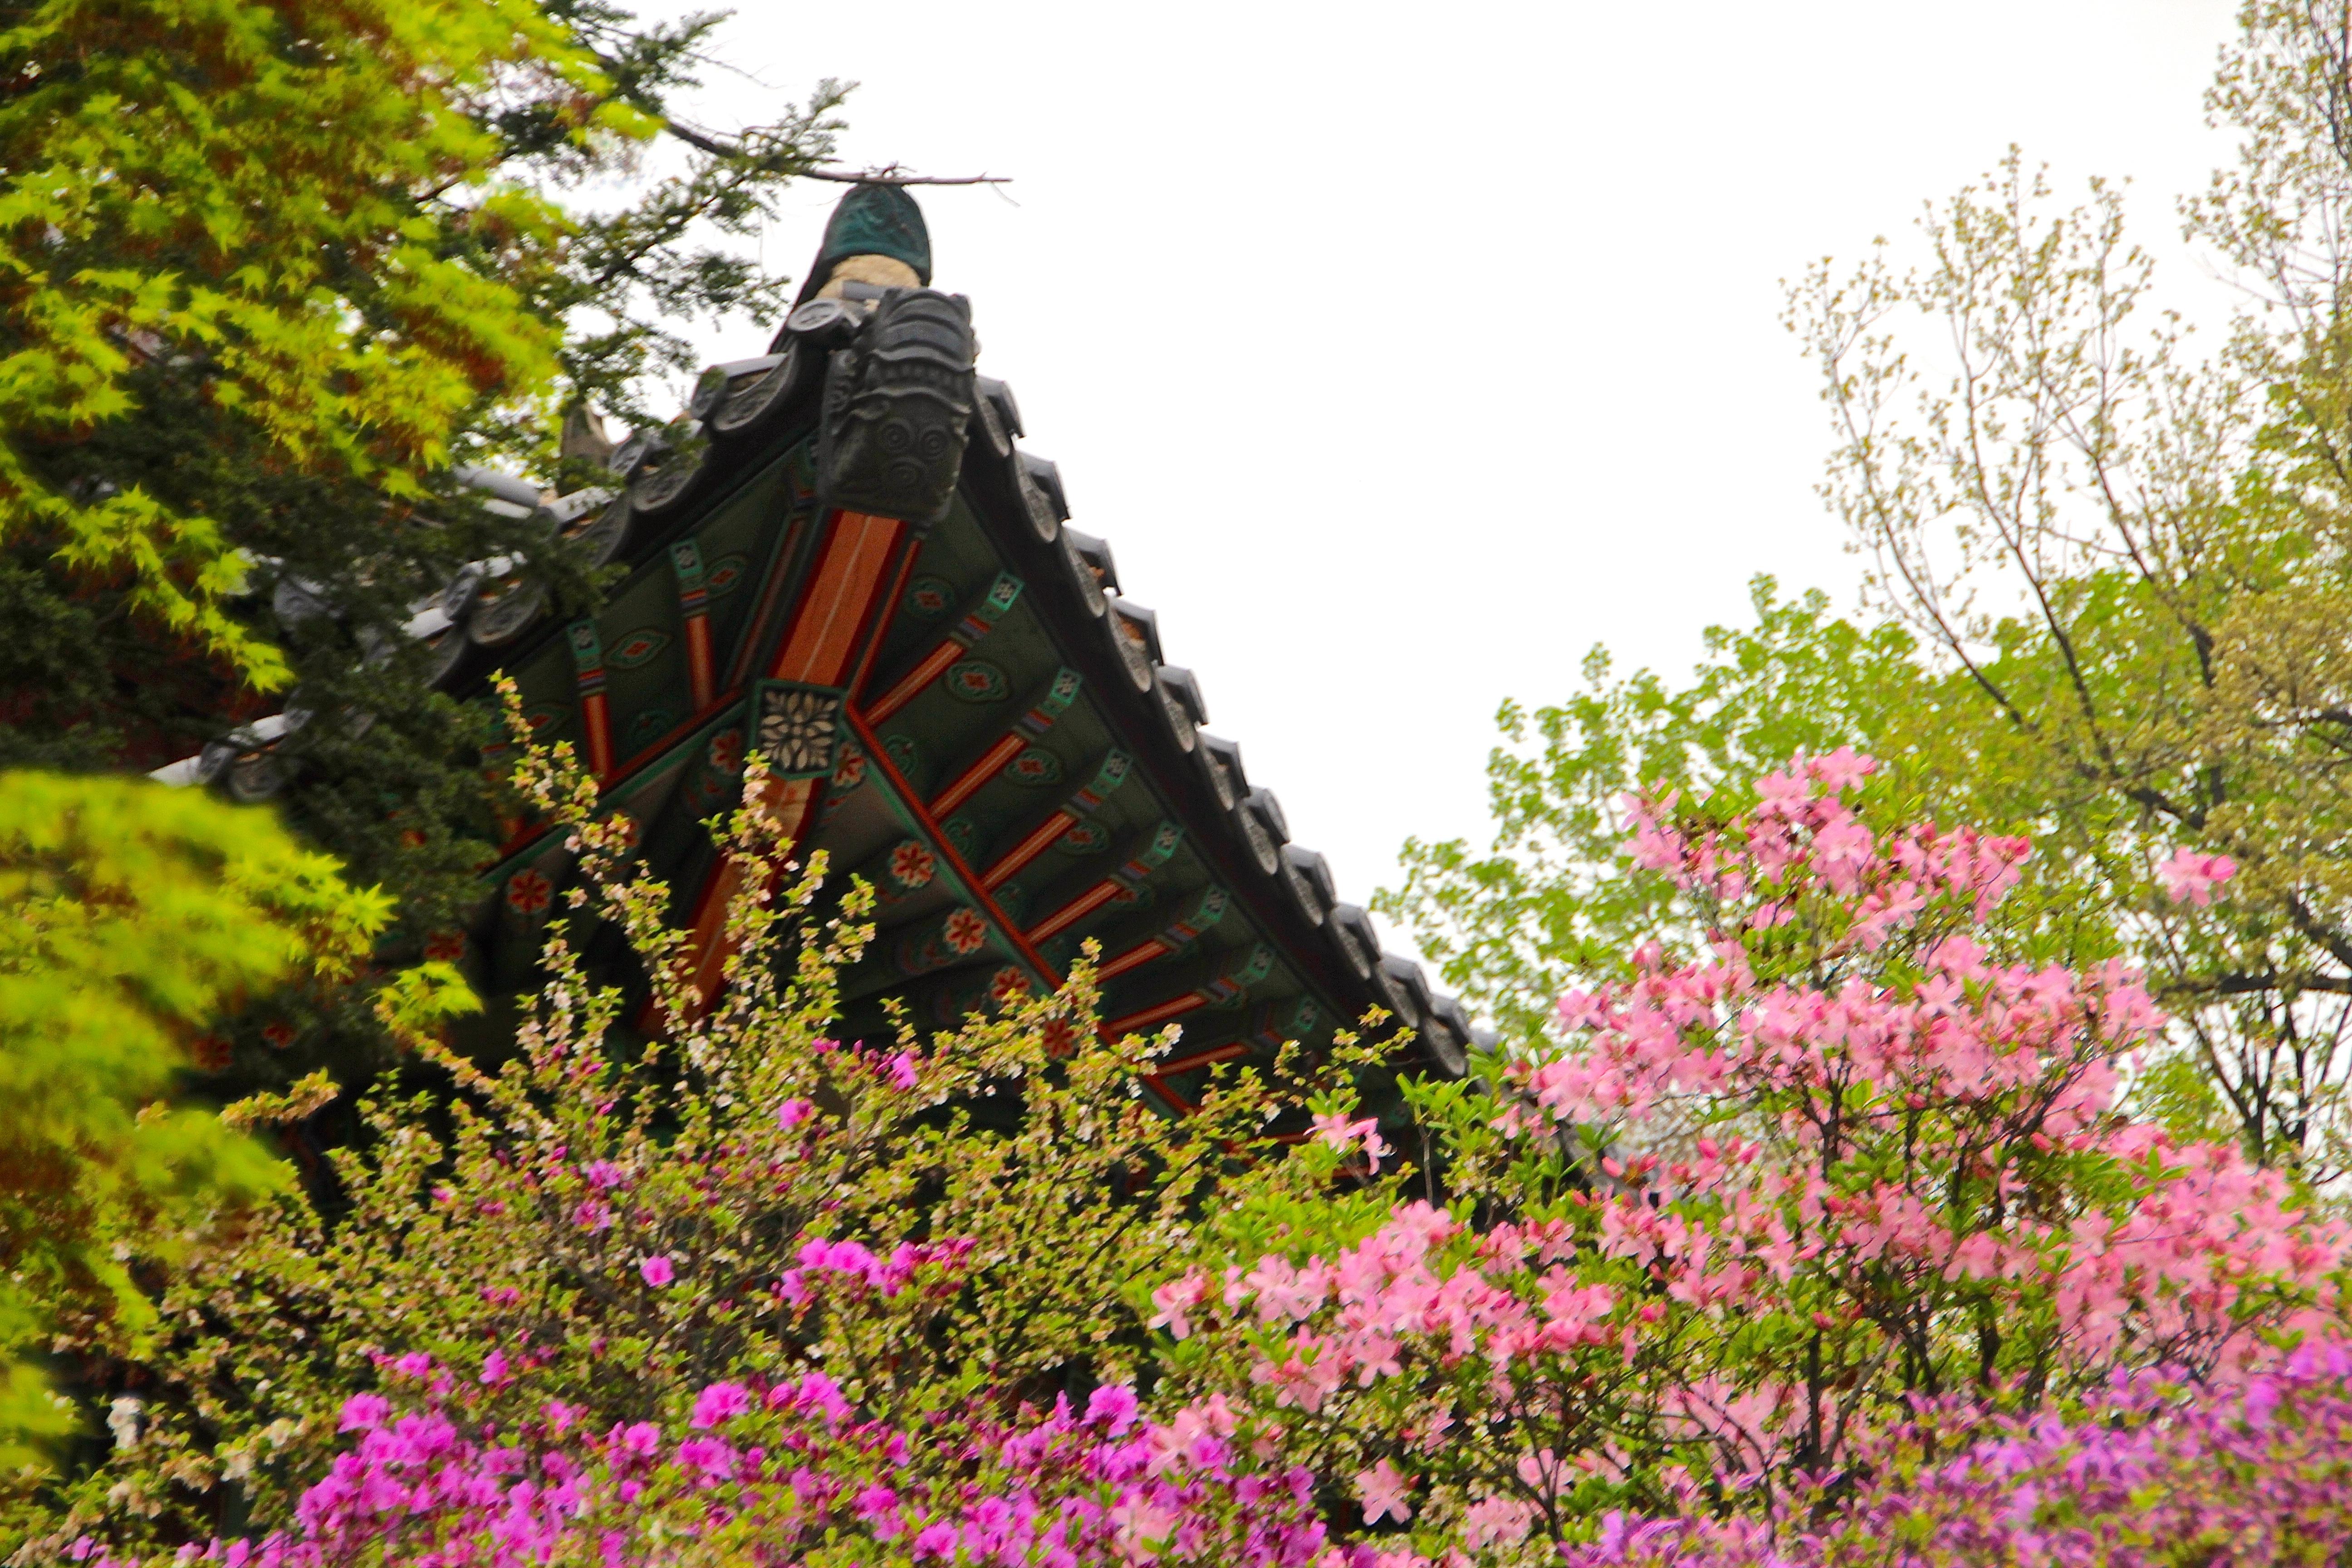 Secret Garden: Hiakus For NaPoWriMo: The Secret Garden Of Changdeokgung